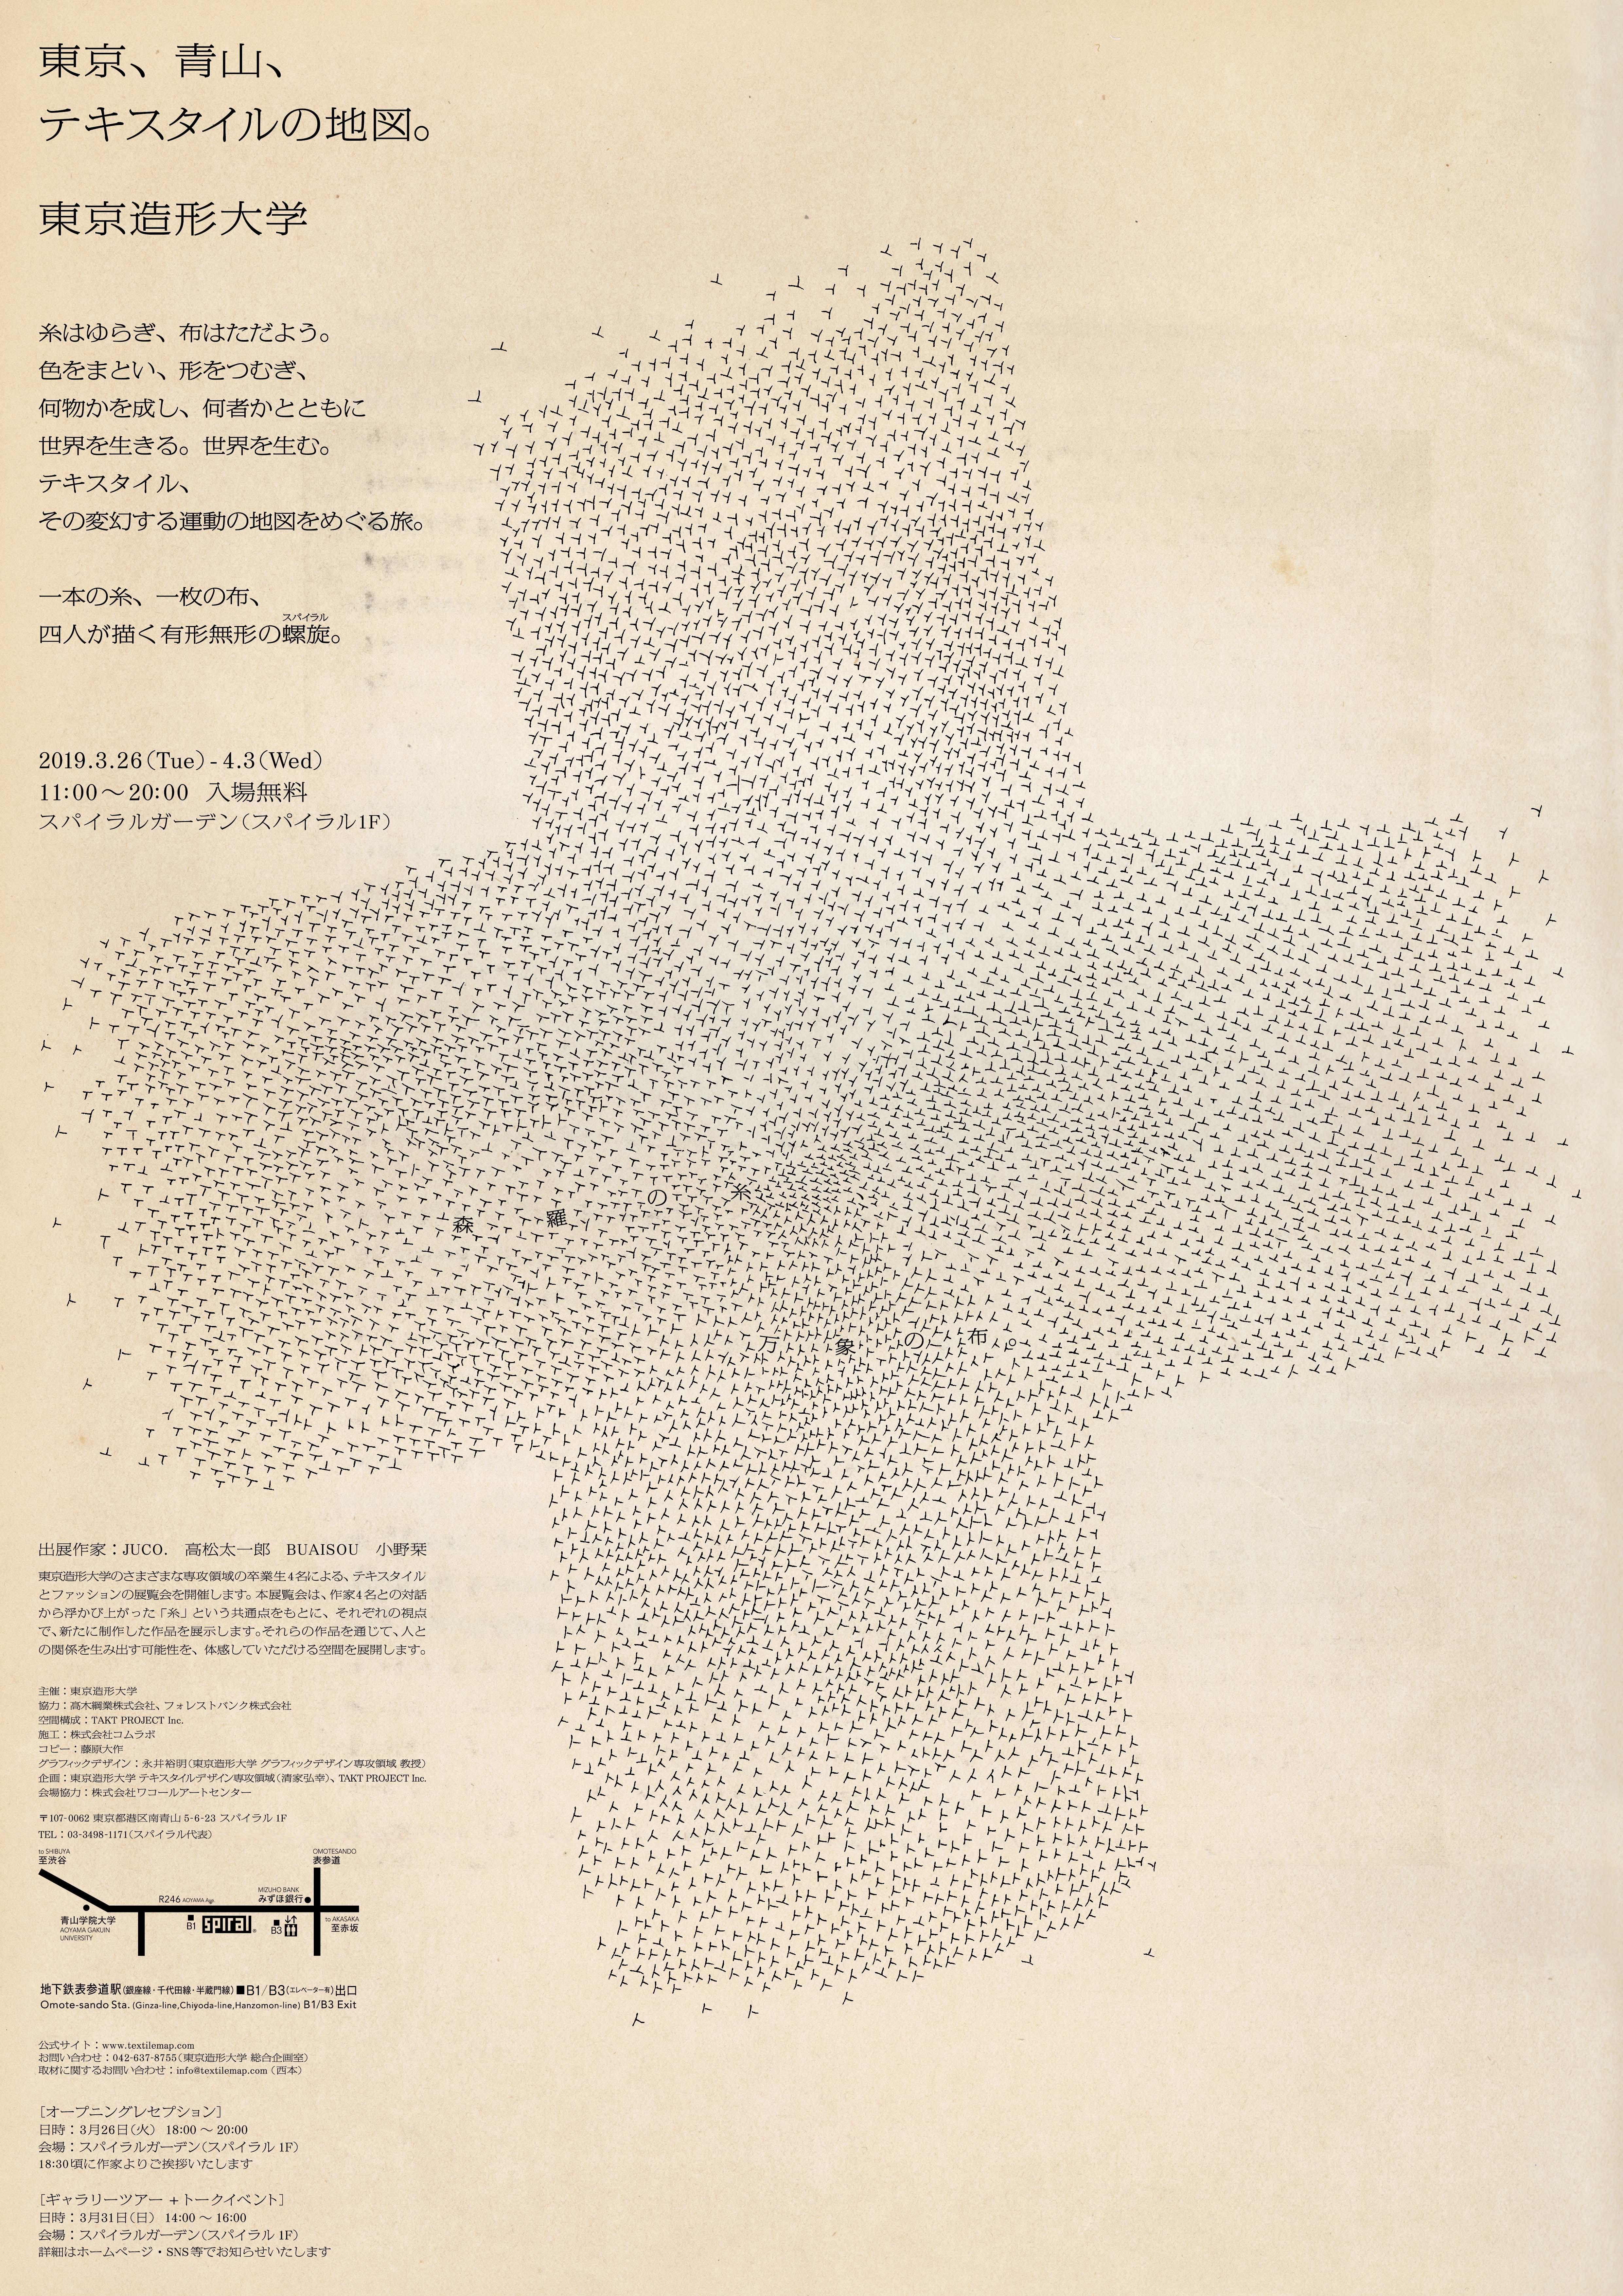 東京造形大学が<東京、青山、テキスタイルの地図。>展を開催 -- さまざまな専攻領域の卒業生4名による、テキスタイルとファッションの展覧会